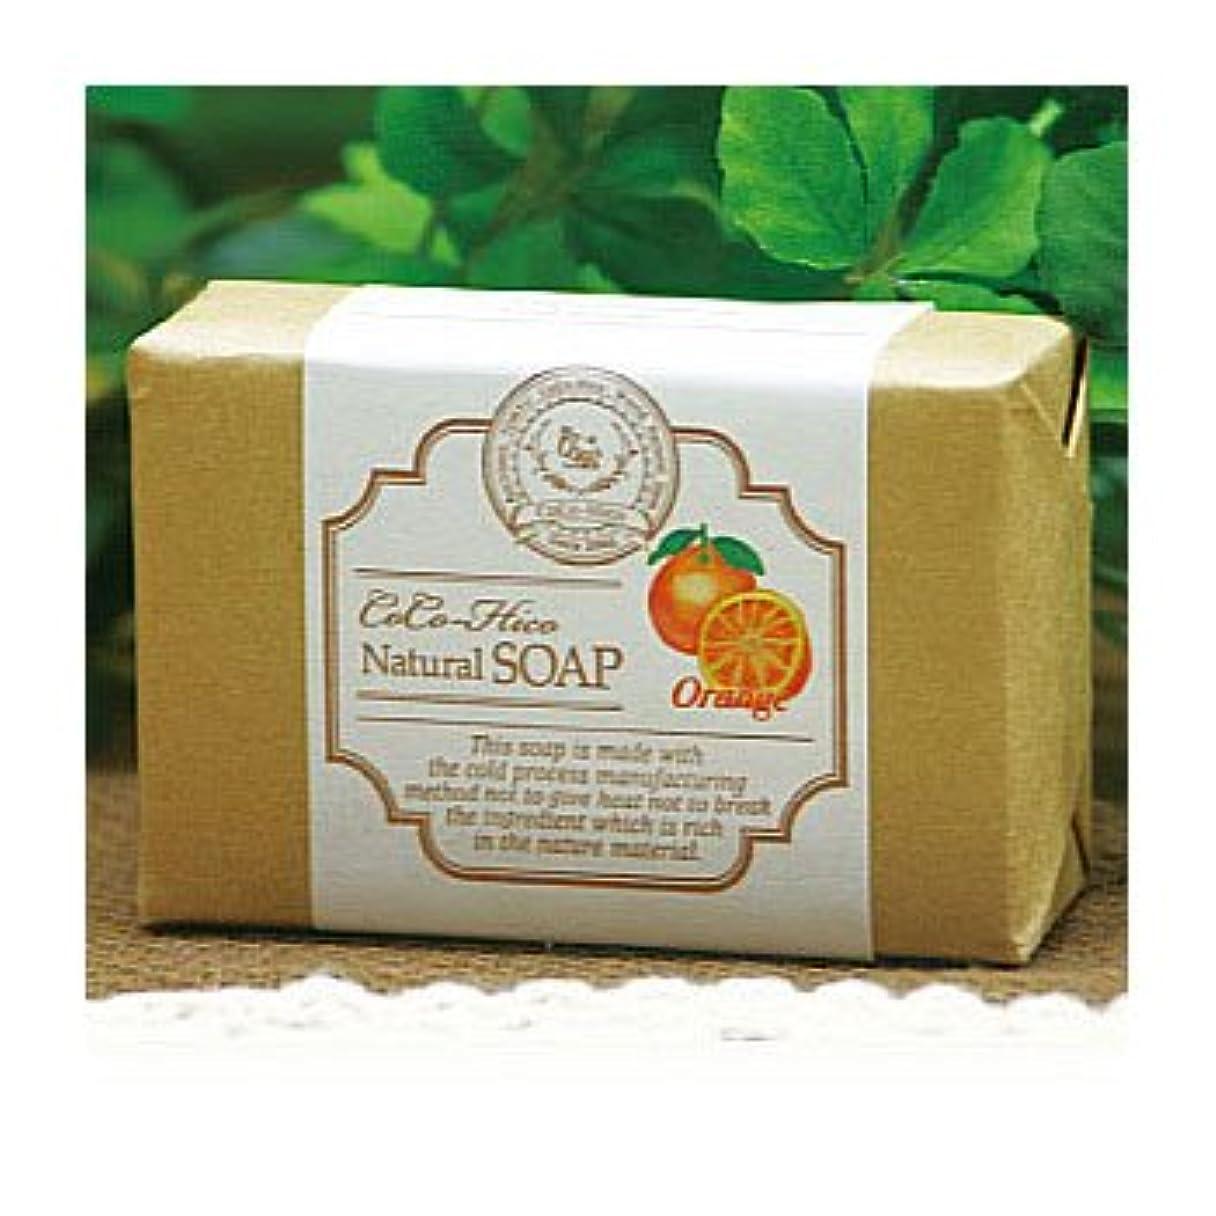 として依存ロマンチック【無添加 手作り 生せっけん】-CoCo-Hico SOAP-ココヒコ生せっけん オレンジ